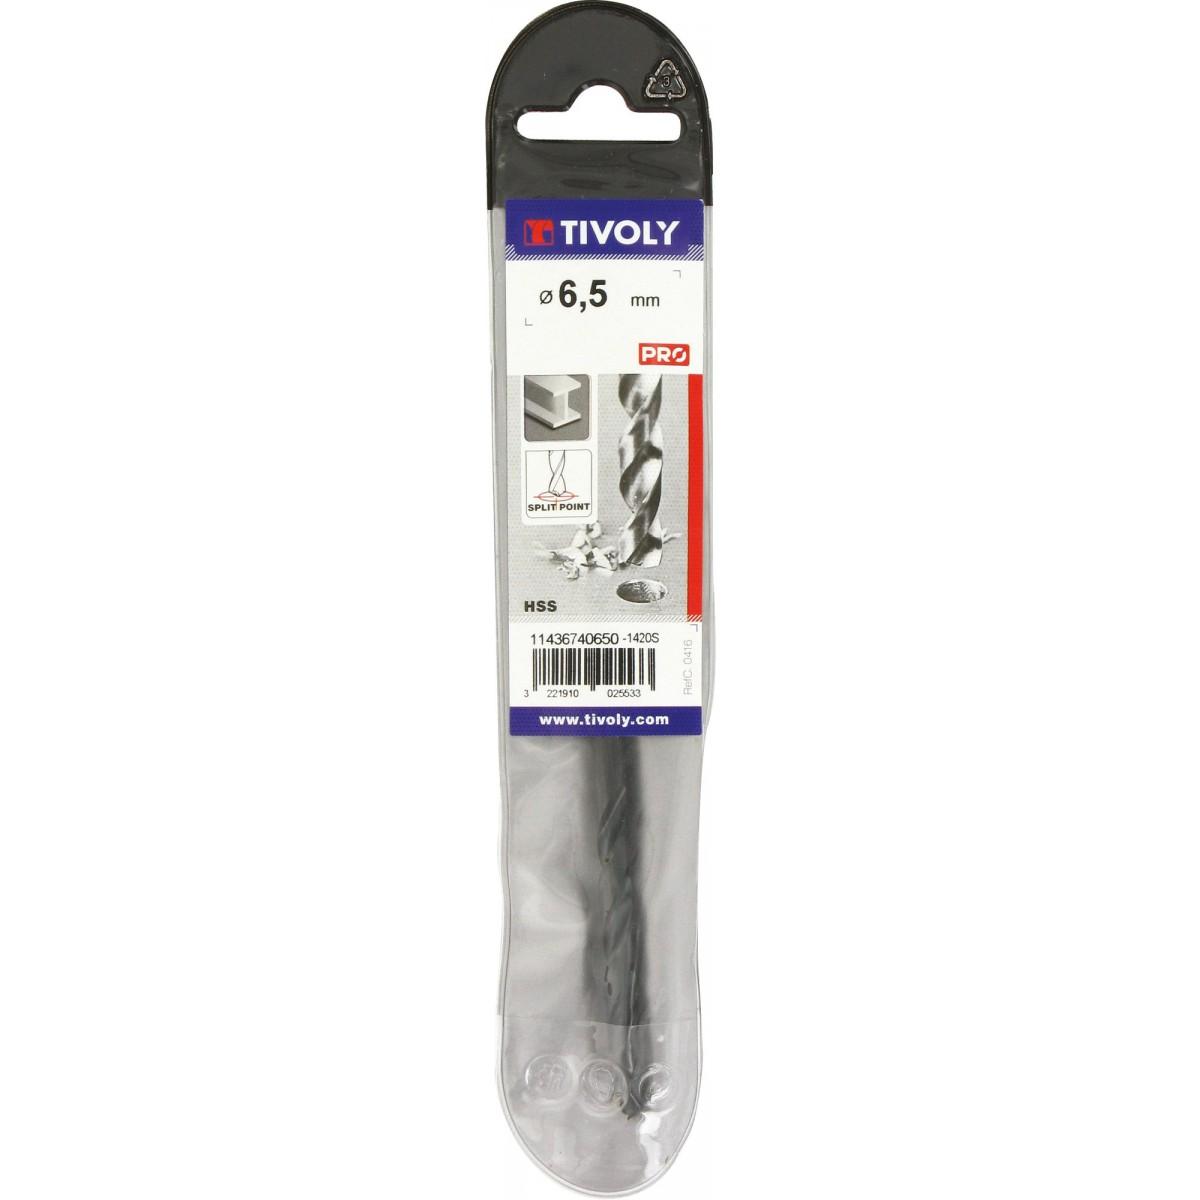 Foret métaux autocentrant qualité TX Tivoly - Diamètre 6,5 mm - Vendu par 1